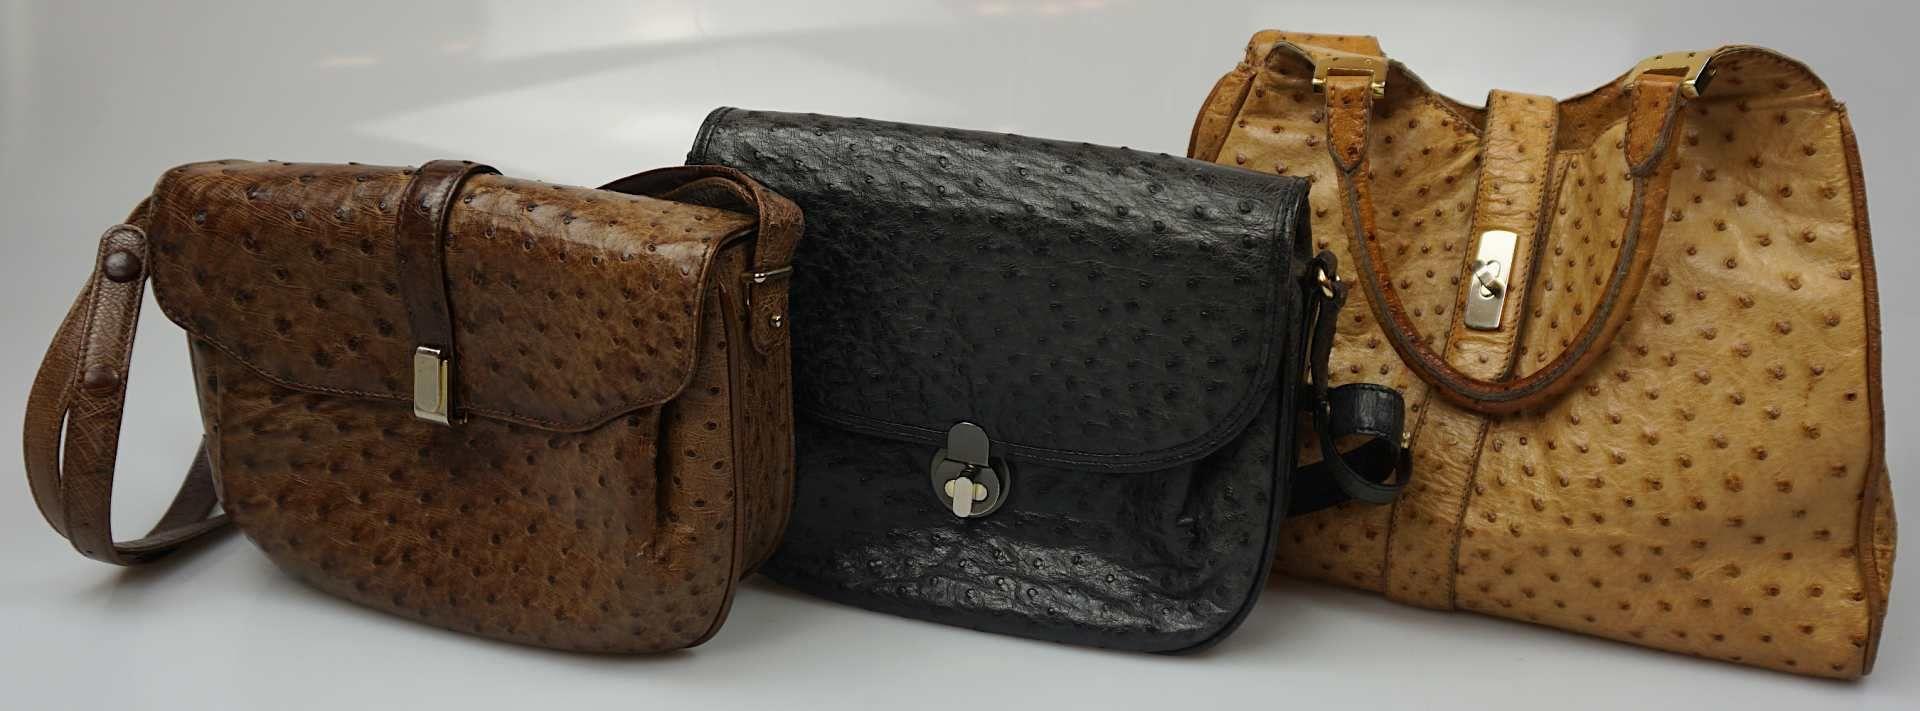 1 Konv. Hand-/Abendtaschen Straußenleder, Leder, Textil u.a. Gsp. - Bild 3 aus 5